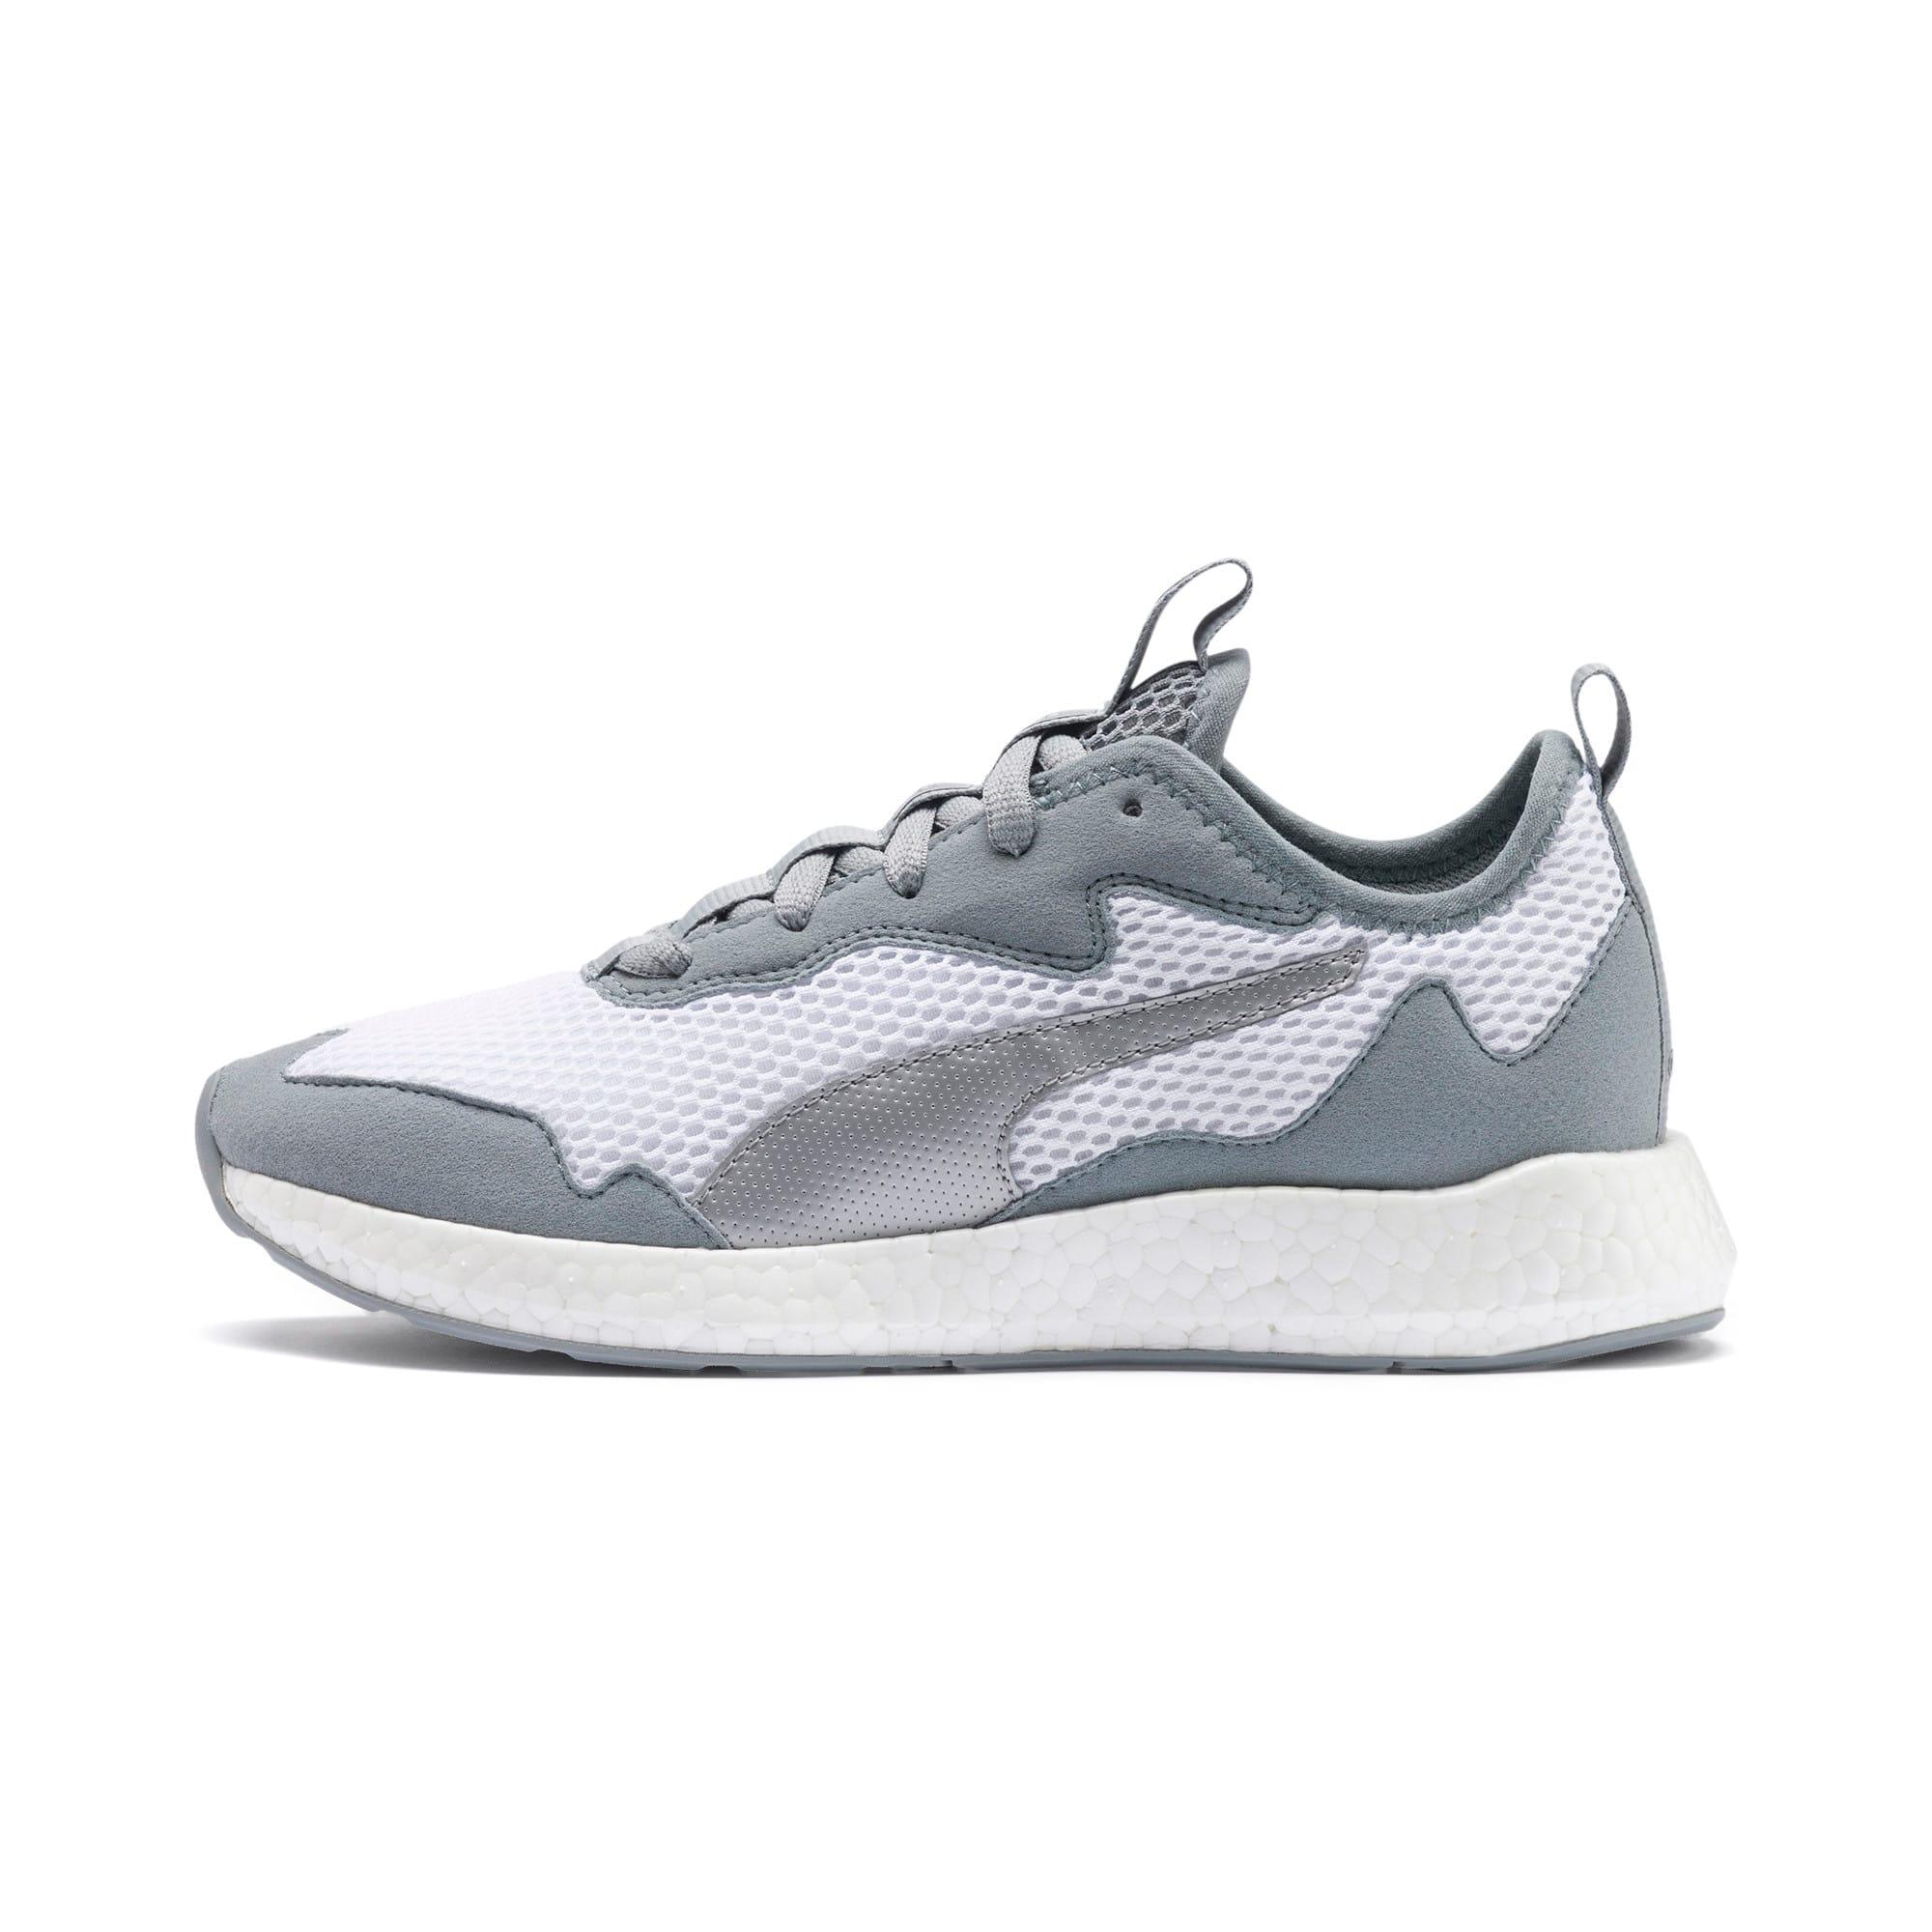 Miniatura 1 de Zapatos para correr NRGY Neko Skim para mujer, Puma White-Quarry, mediano